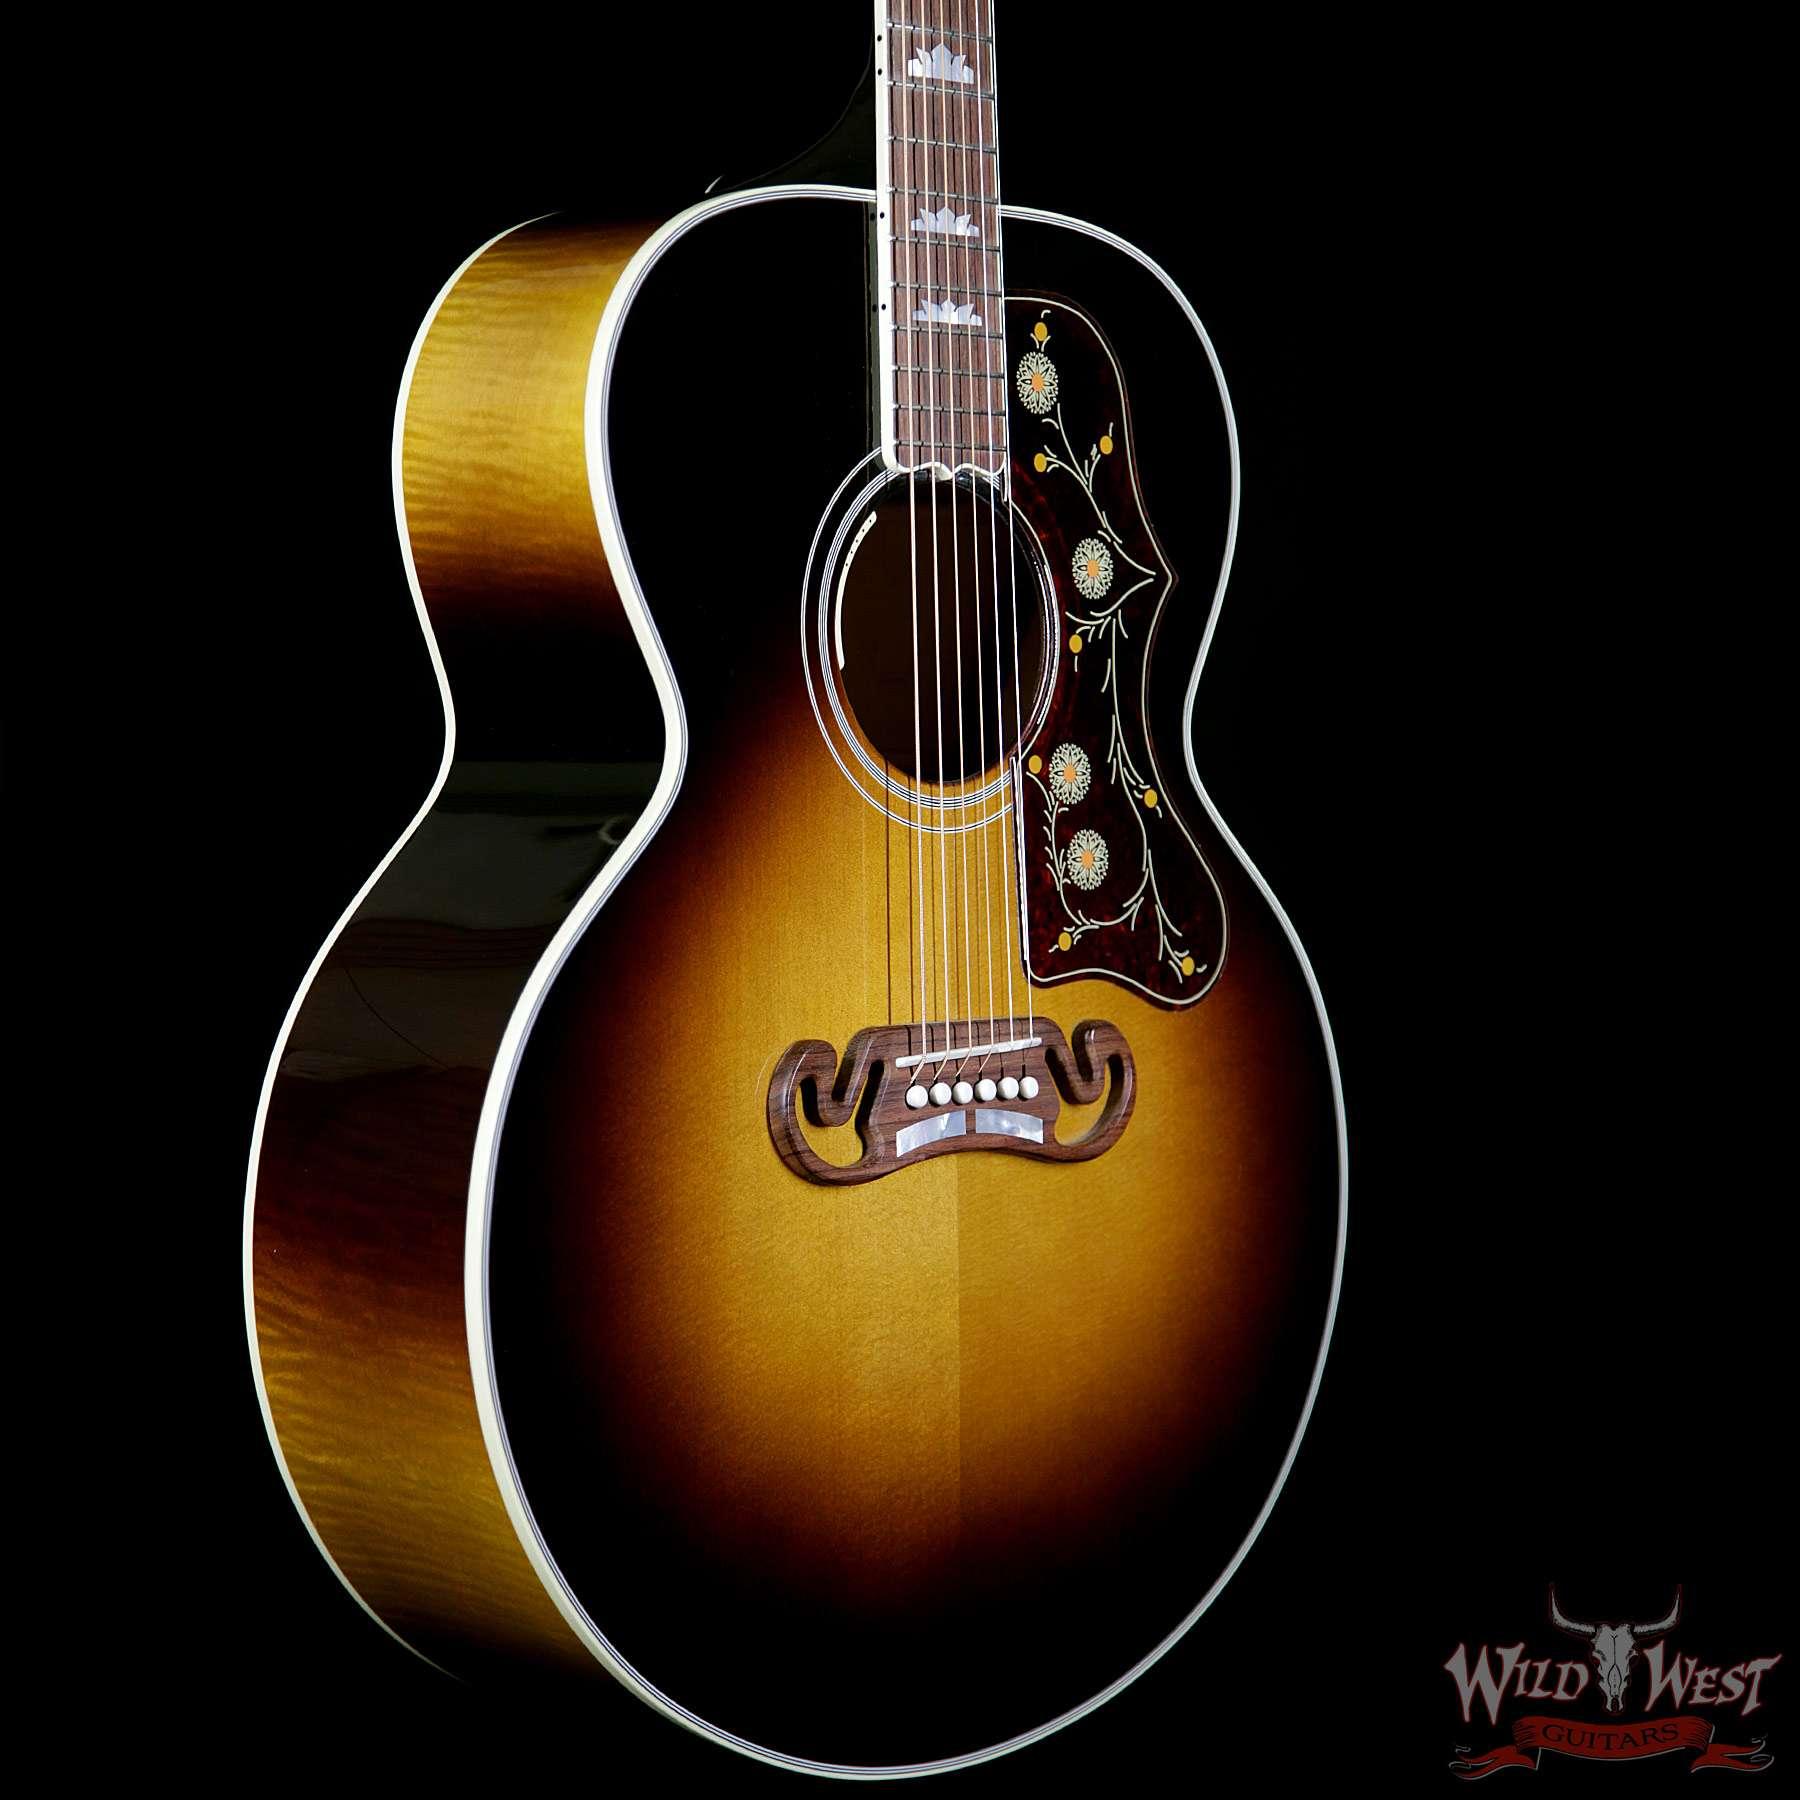 gibson sj 200 standard electric acoustic guitar vintage sunburst wild west guitars. Black Bedroom Furniture Sets. Home Design Ideas